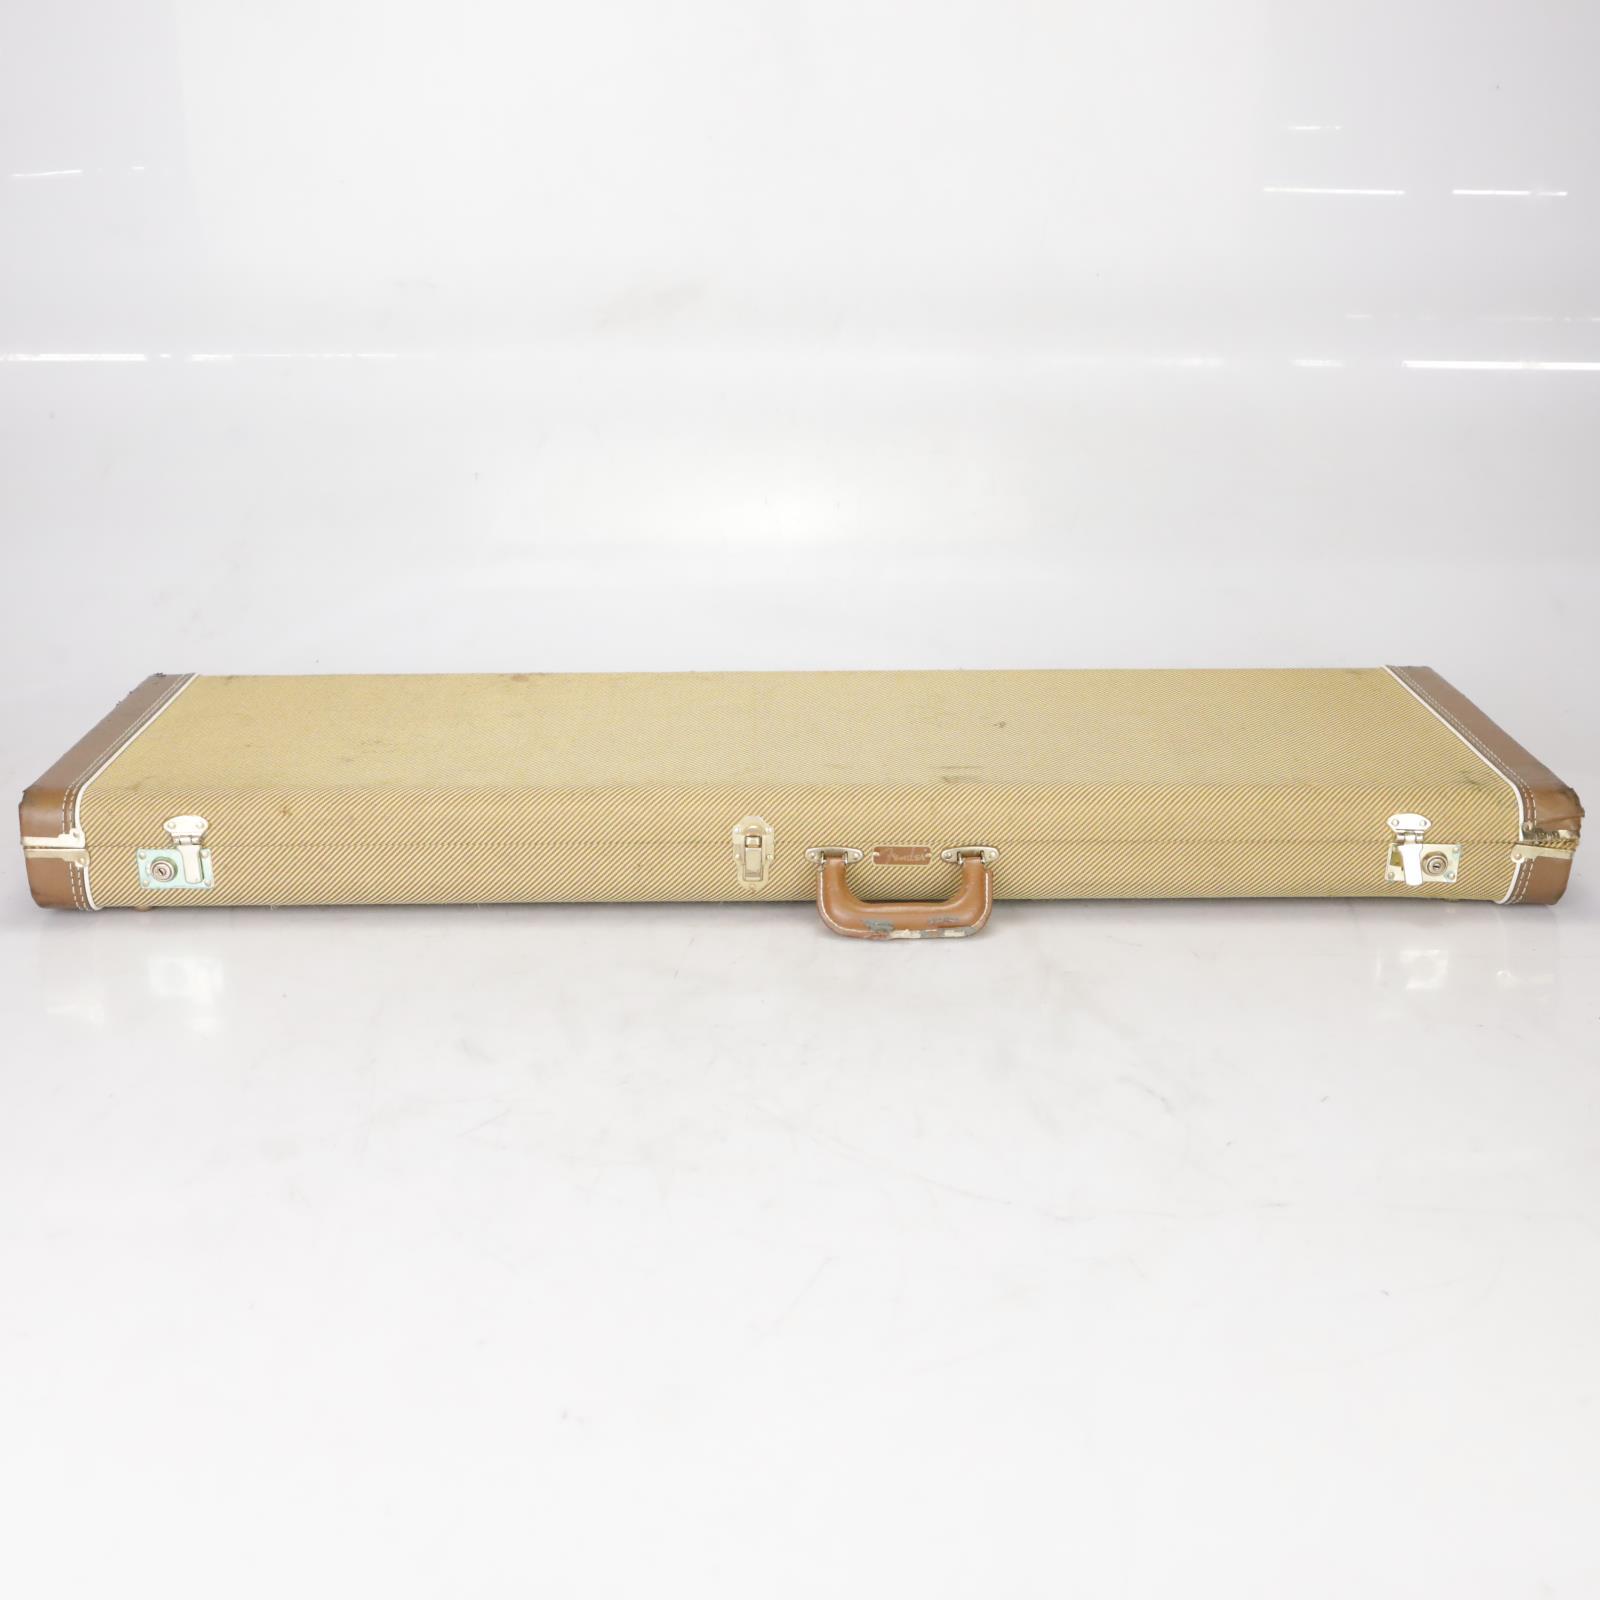 Fender G&G Hard Shell Case for 5 String Bass Guitar Tweed Leland Sklar #38742